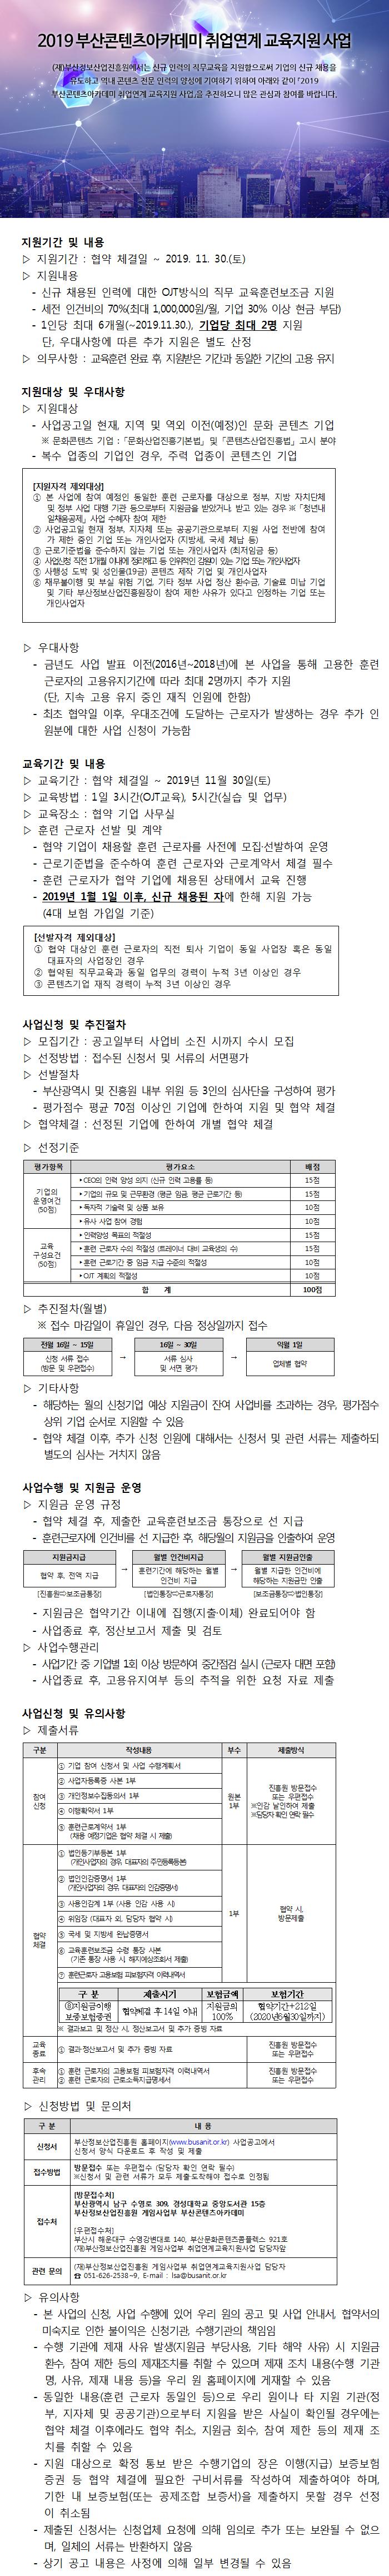 2019 부산콘텐츠아카데미 취업연계 교육지원 사업